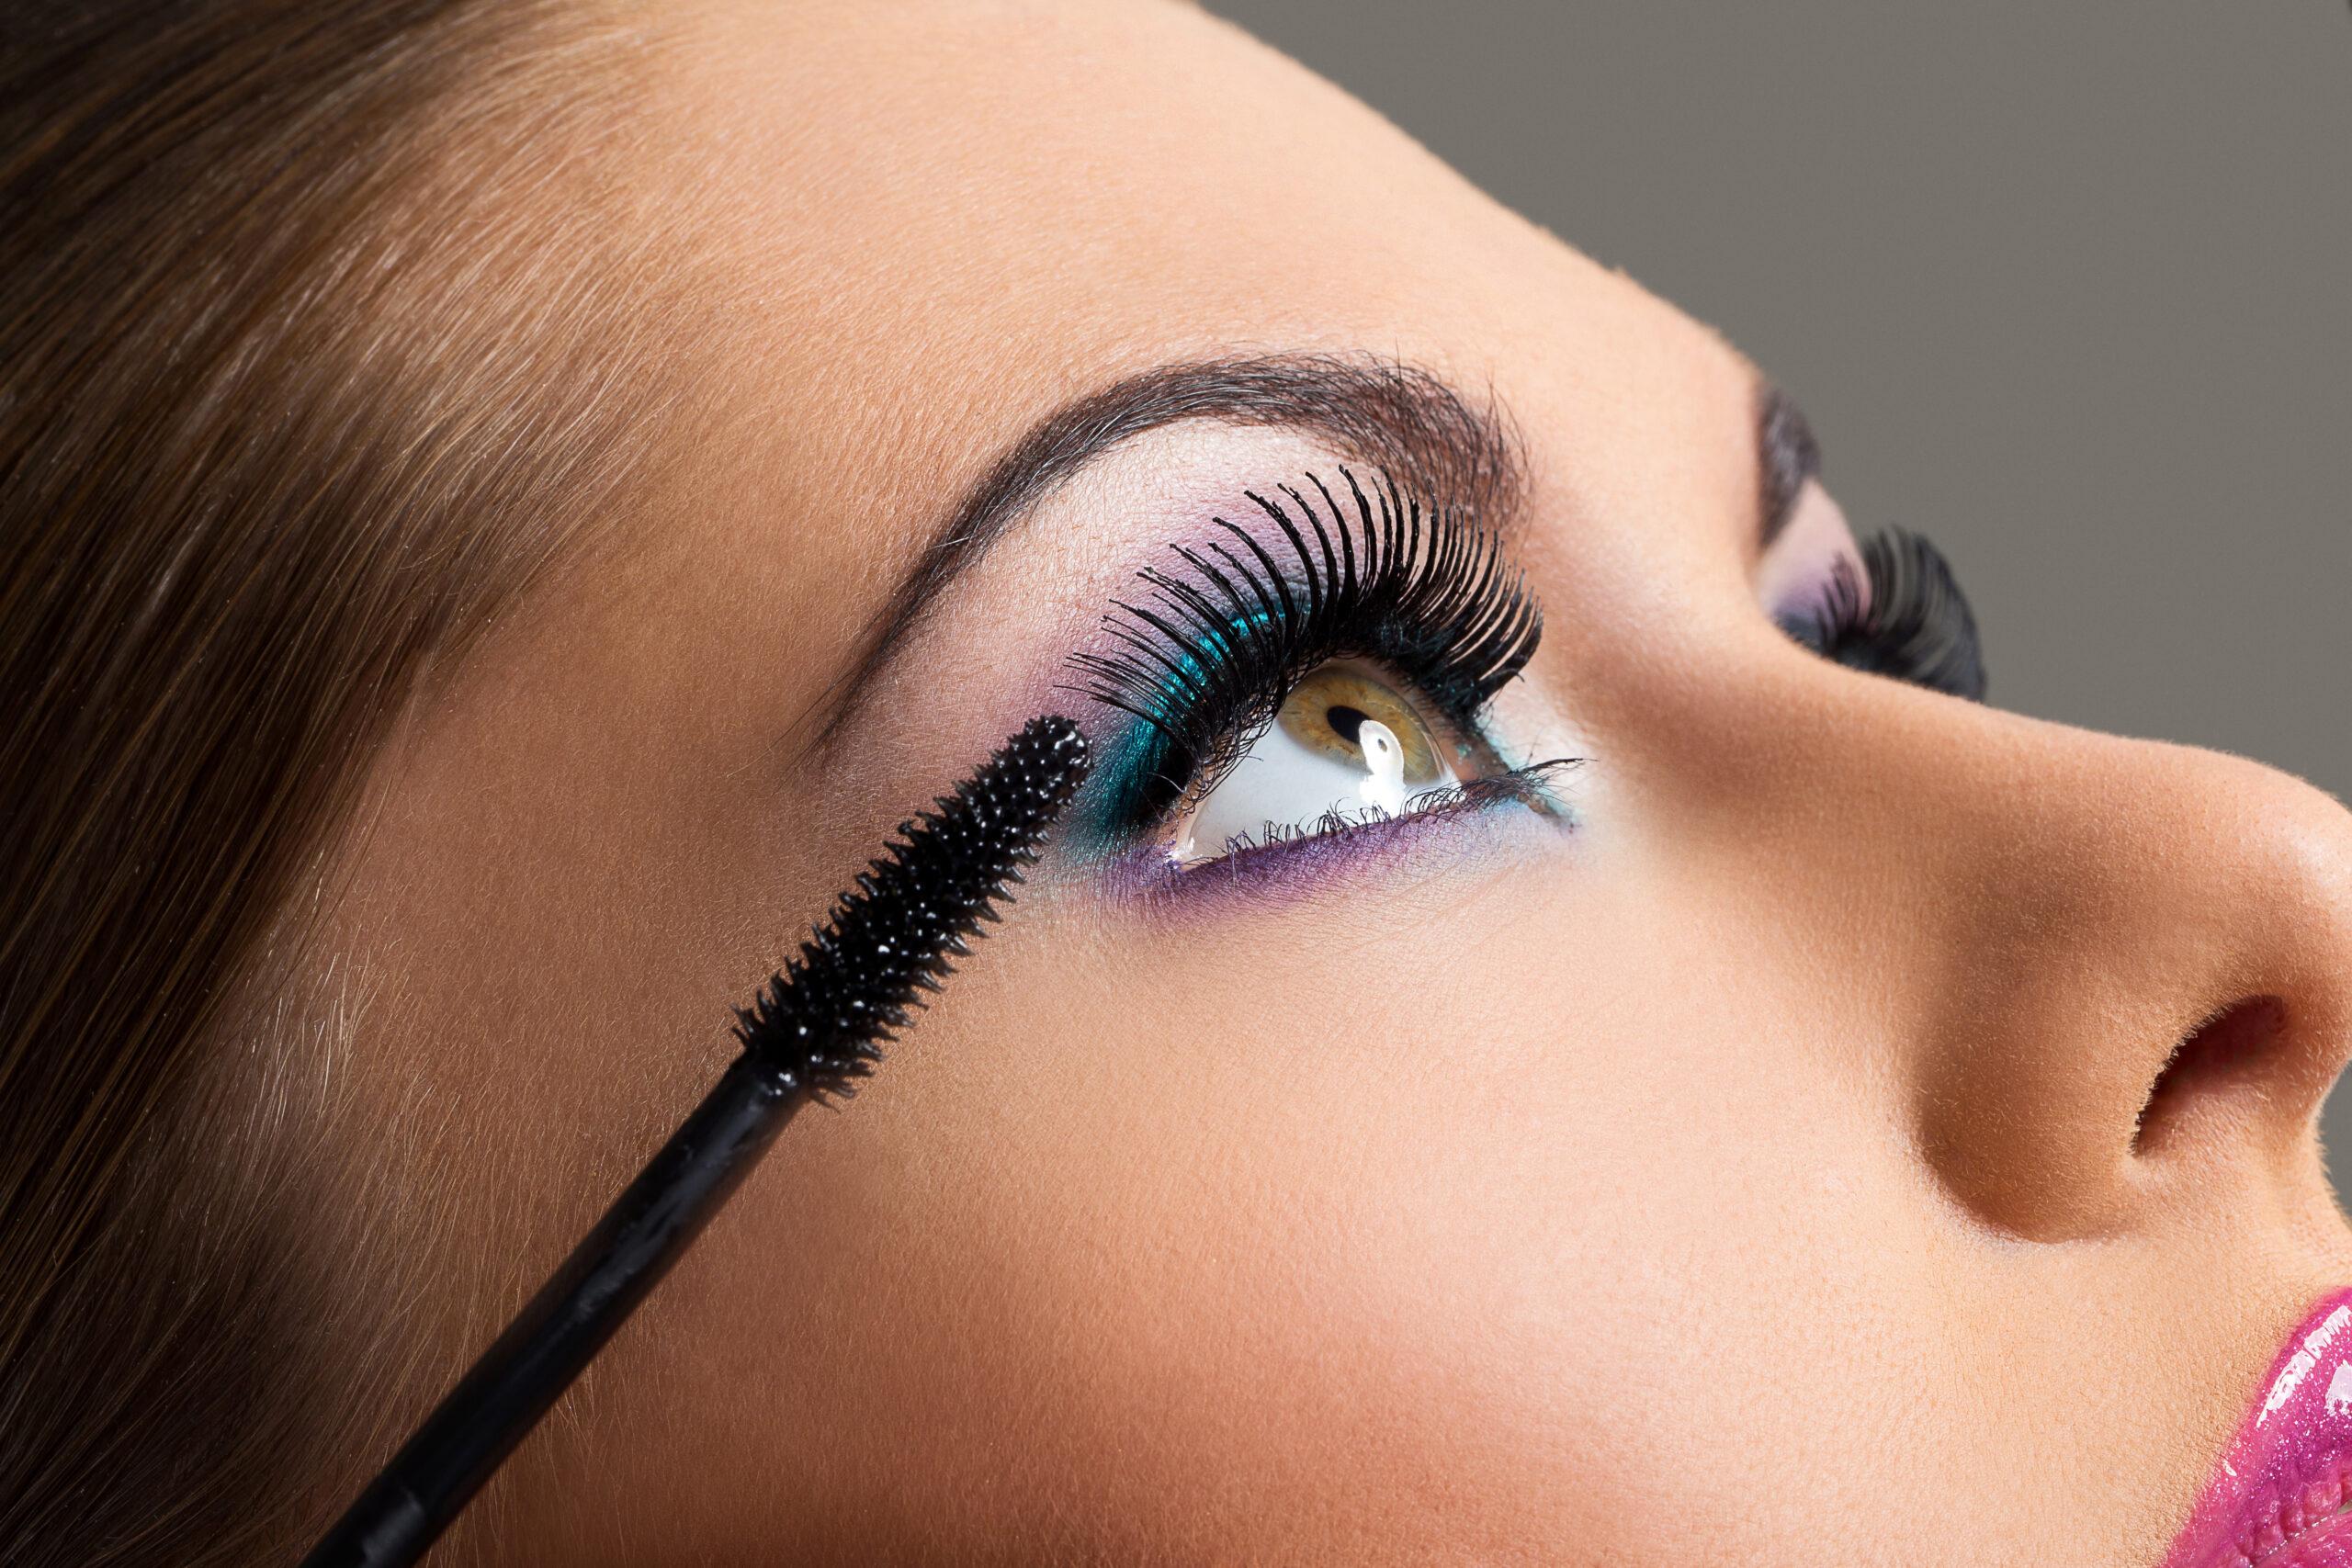 Mulher com o rosto maquiado passando maquiagem no olho.  Ilustração do texto franquia Querm Disse Berenice.